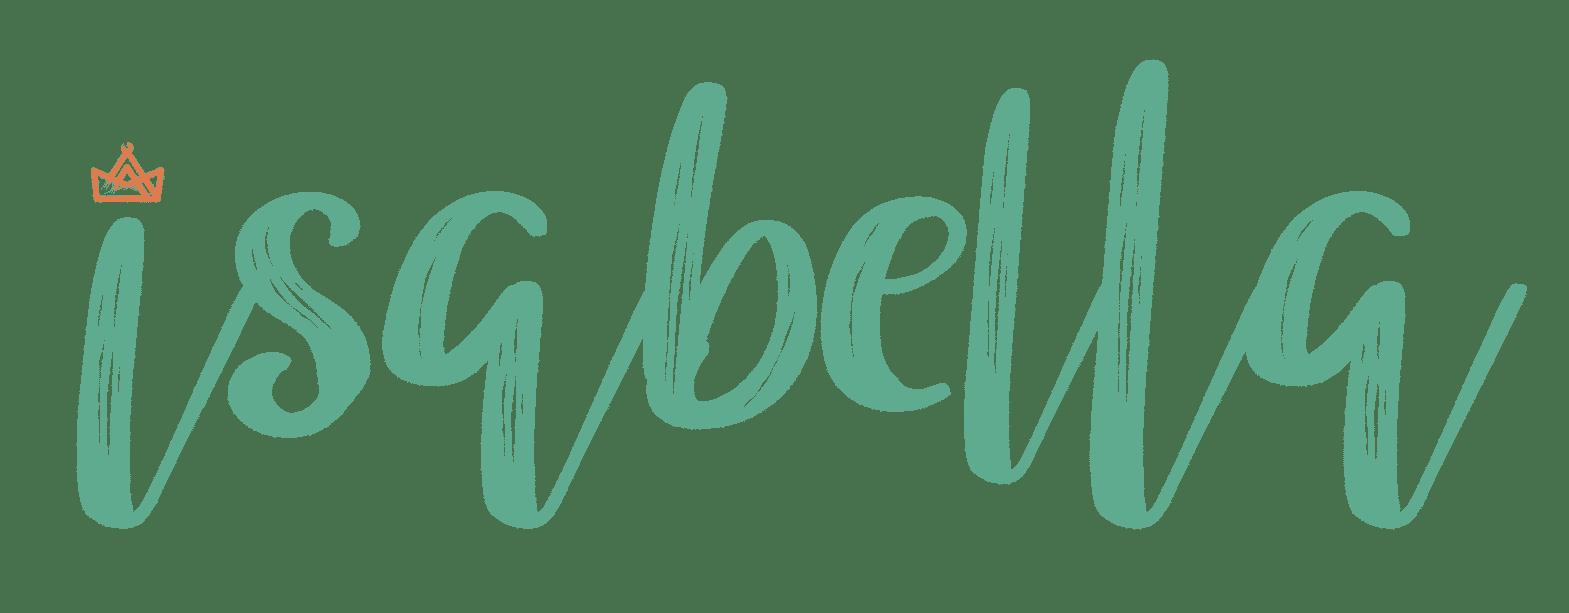 coleccion-isabella